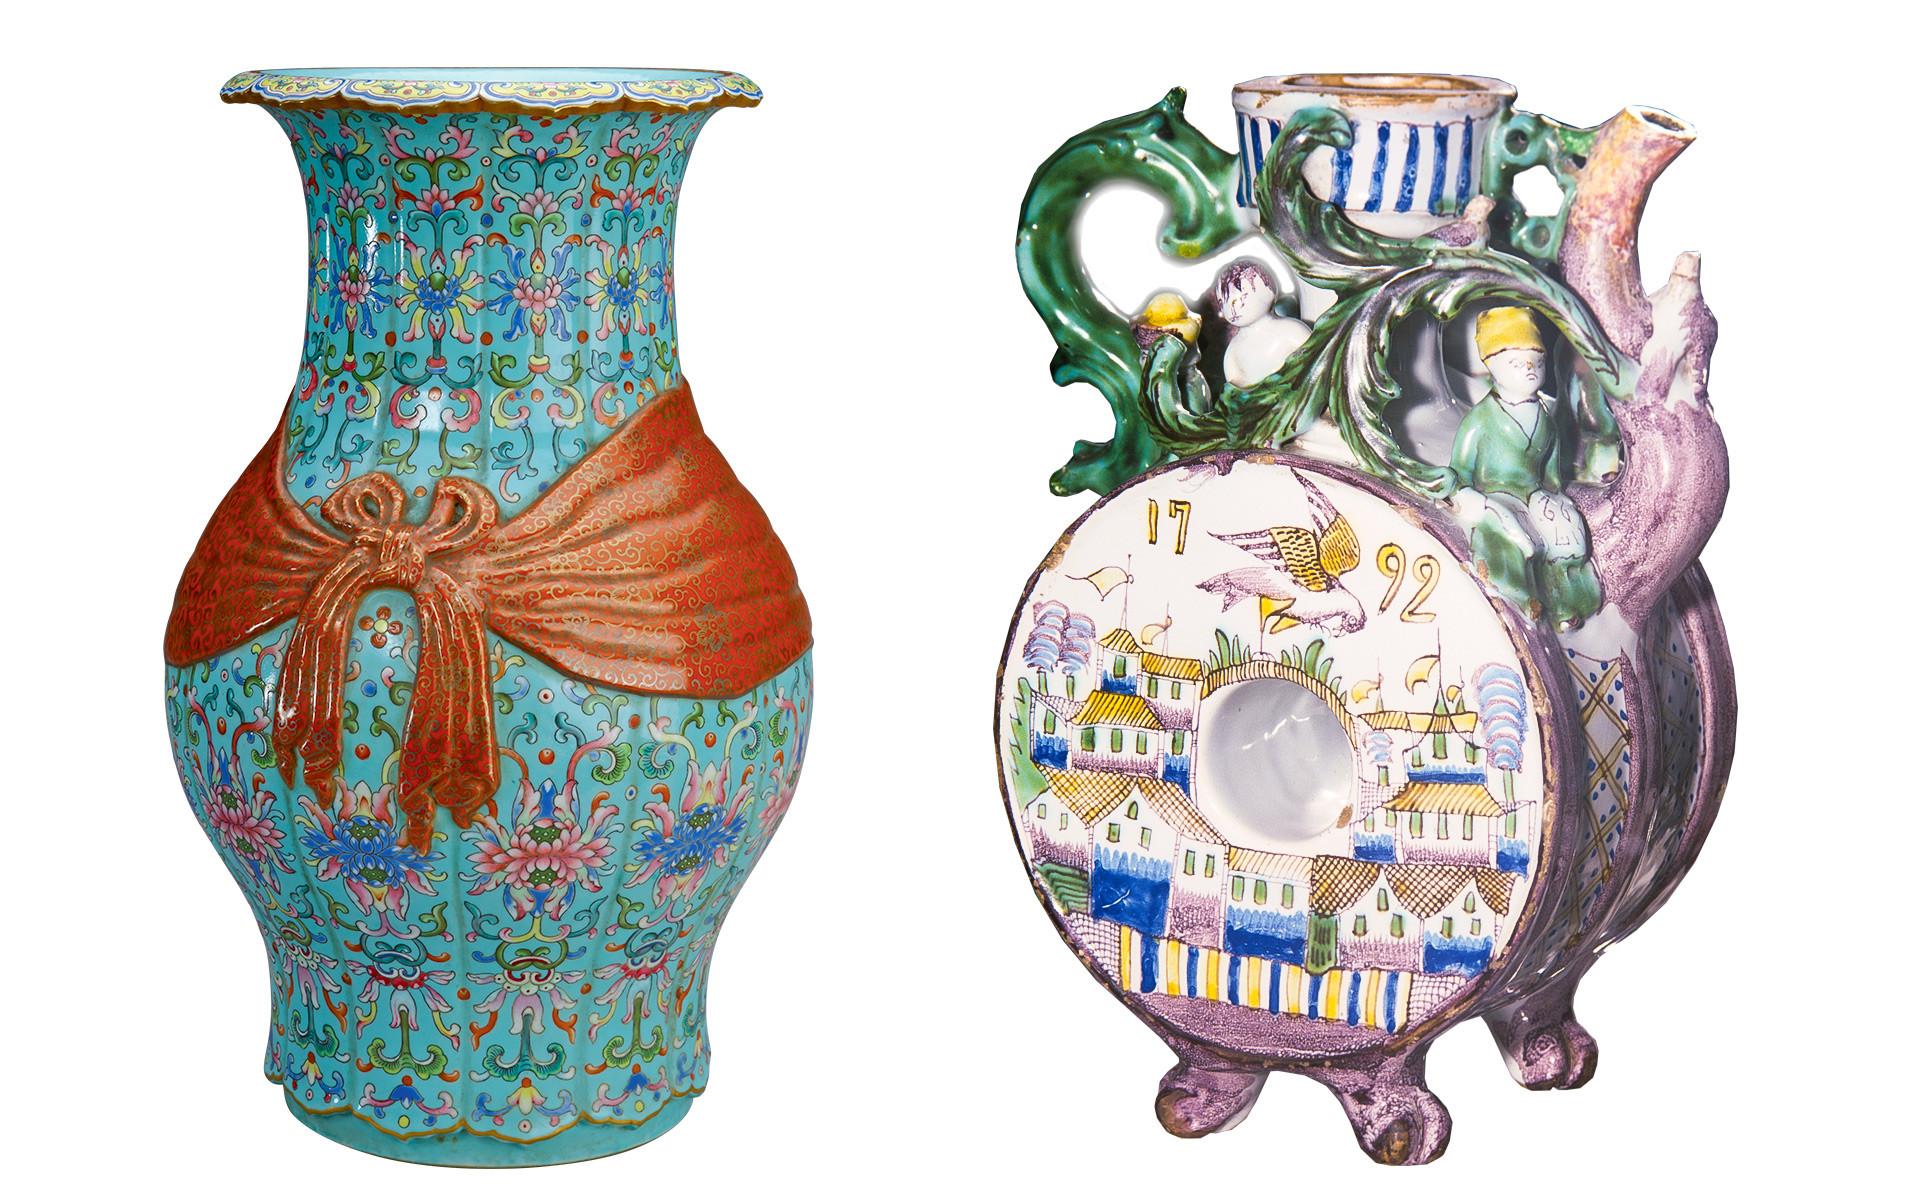 Лево:Баофу ваза. Династија Ћинг, владавина Ћианлонга (1736–1796) Десно: Врч. Мајолика,18. век. Изложба